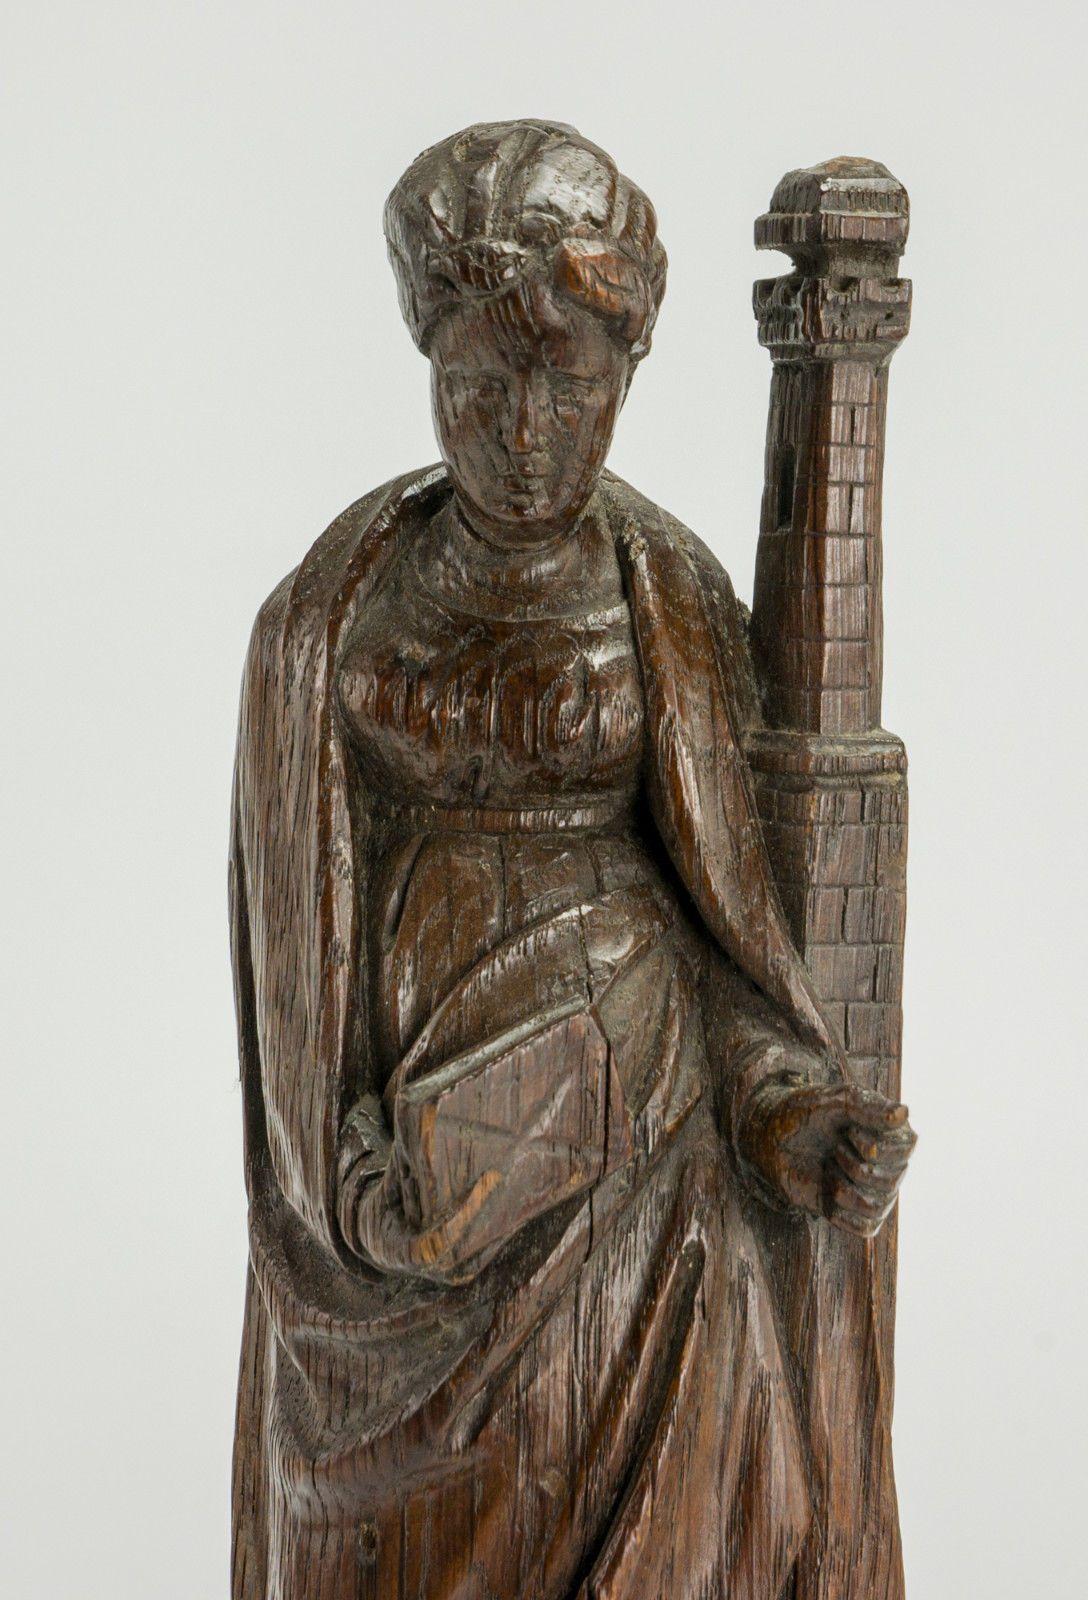 Gotischer Hausaltar Heiligenschrein Madonnenfigur Marienfigur Kirchenfigur Antik Historische Baustoffe